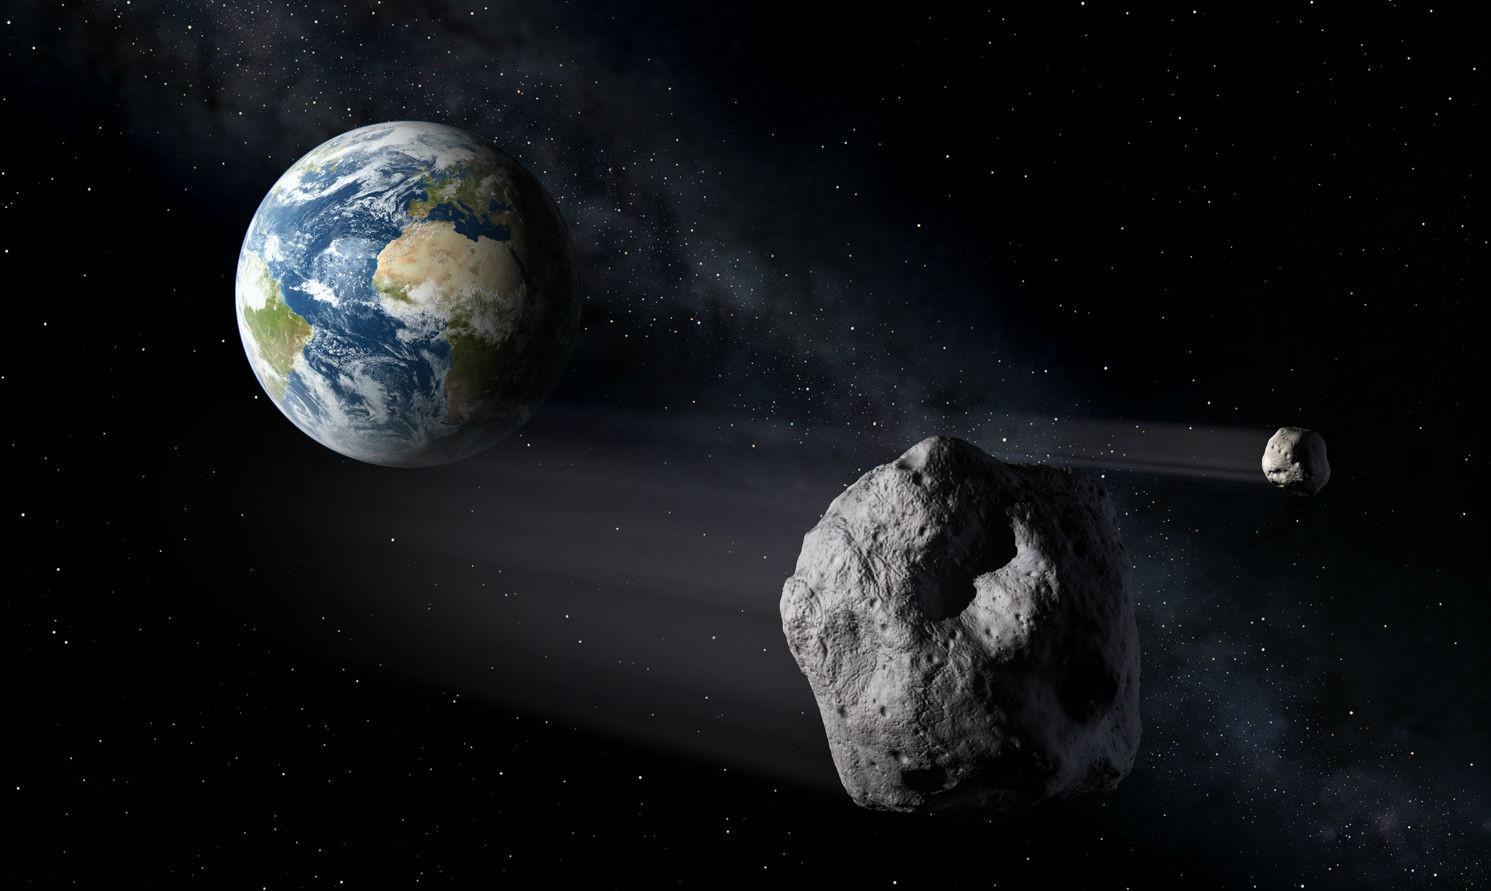 К Земле летит астероид больше Челябинского